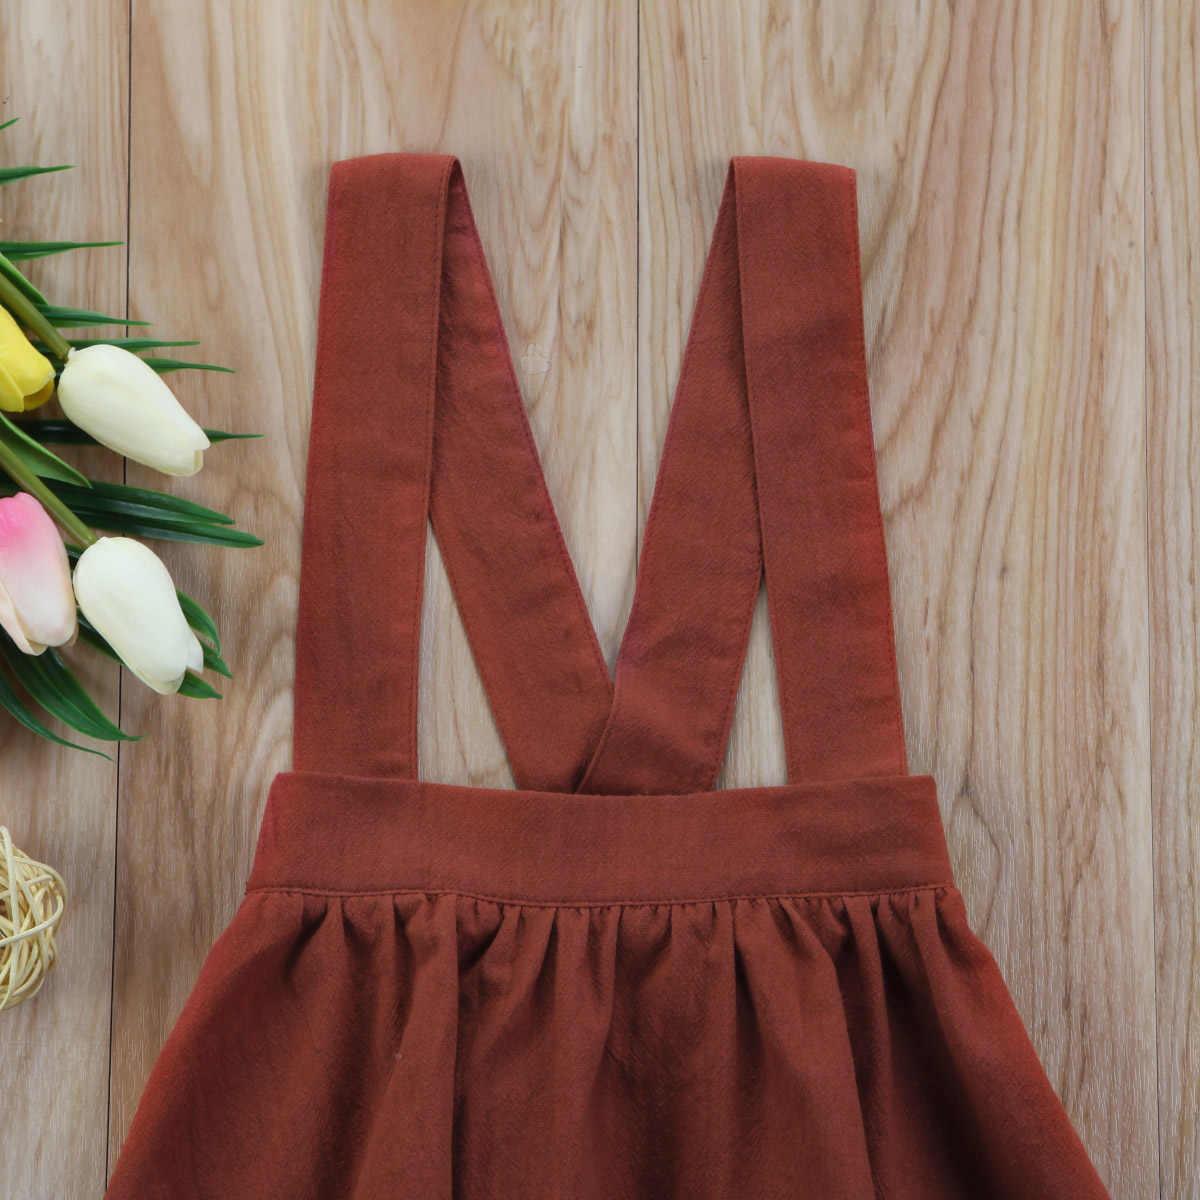 2018 г. весенний комбинезон для маленьких девочек коричневого цвета, юбка-пачка модная детская одежда От 6 месяцев до 3 лет